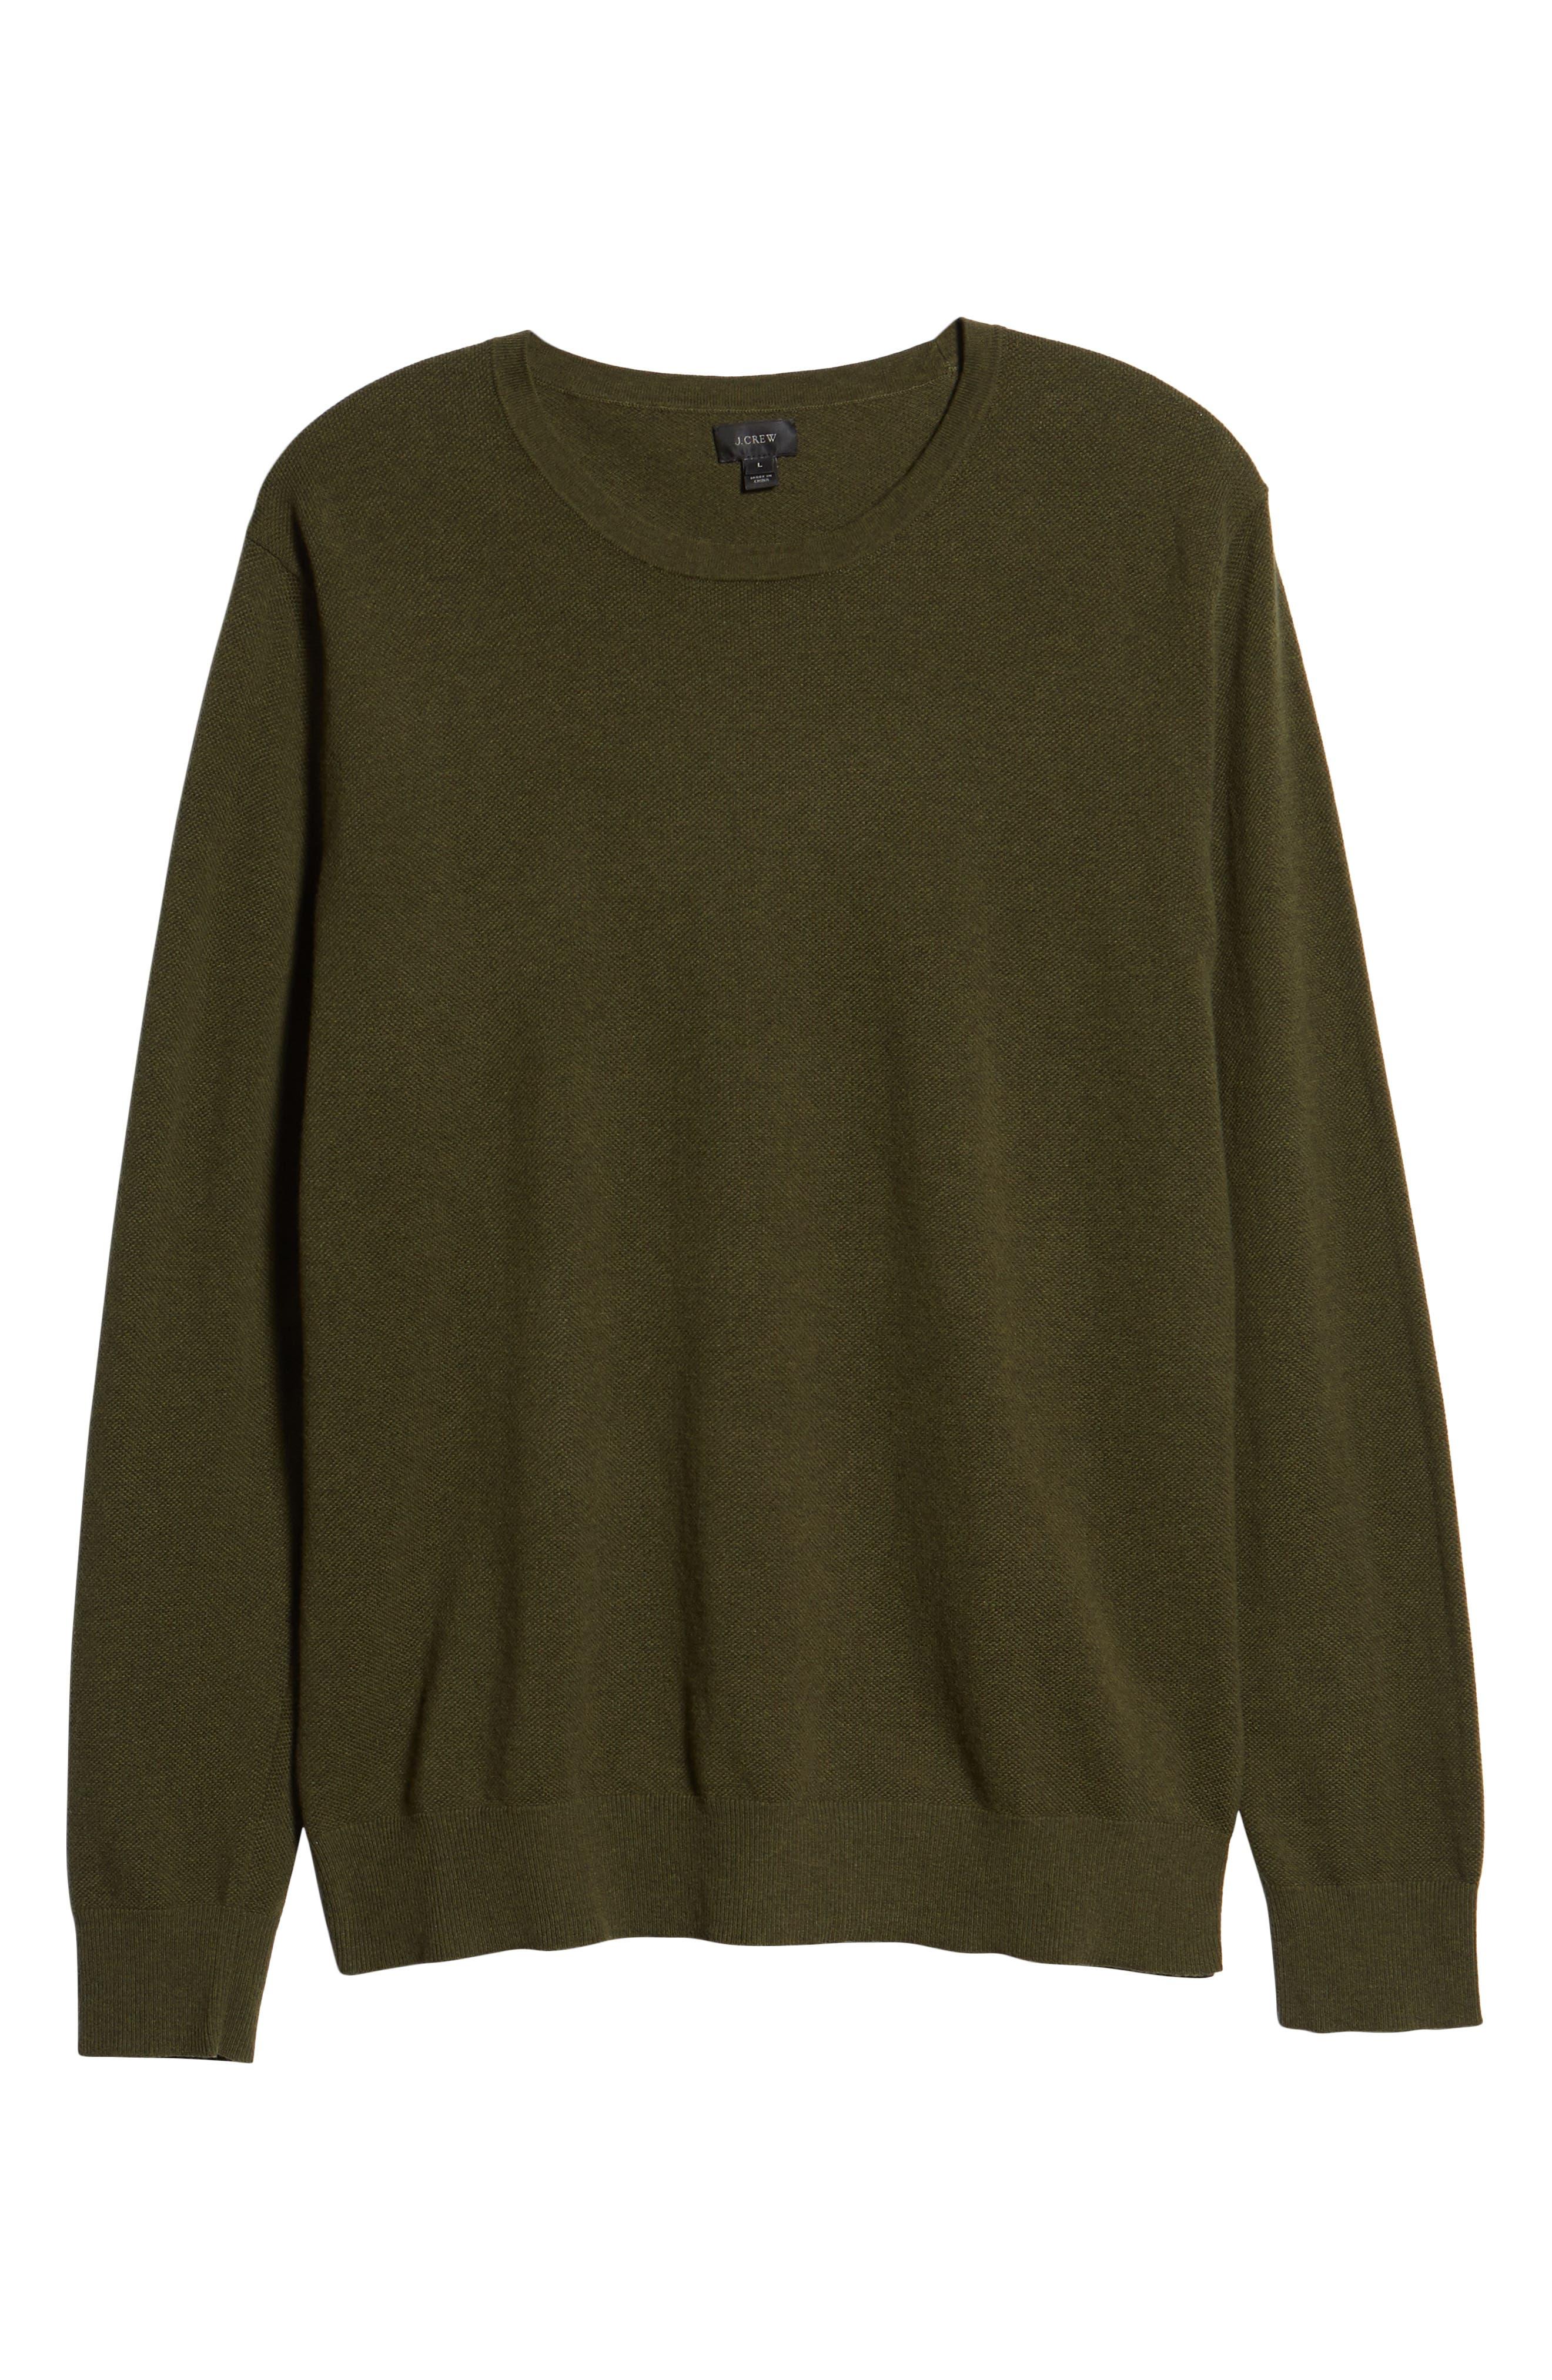 Cotton & Cashmere Piqué Crewneck Sweater,                             Alternate thumbnail 6, color,                             HEATHER OLIVE